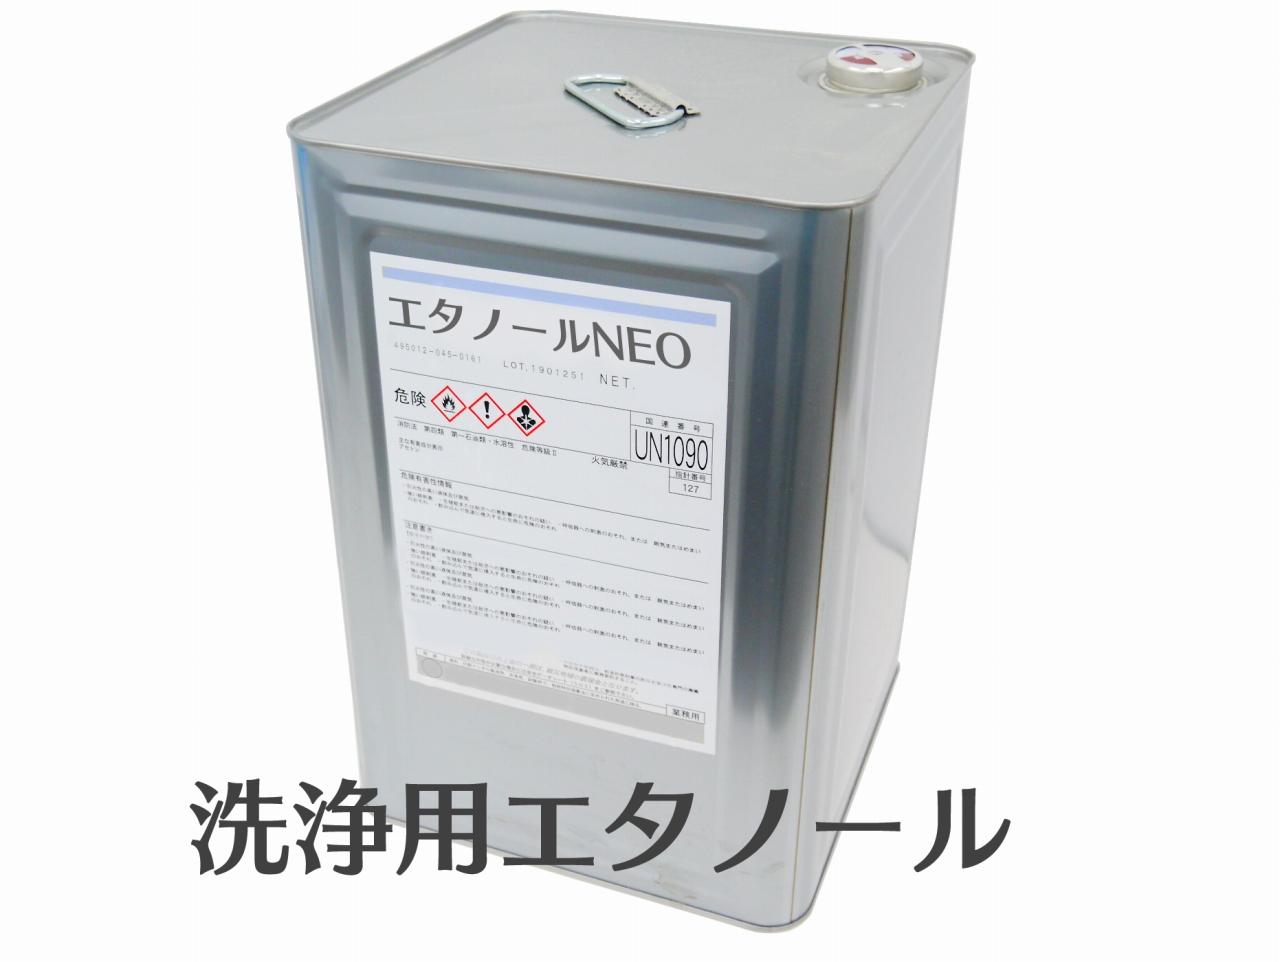 洗浄用エタノール・工業用・洗浄用エチルアルコール16リットル大容量